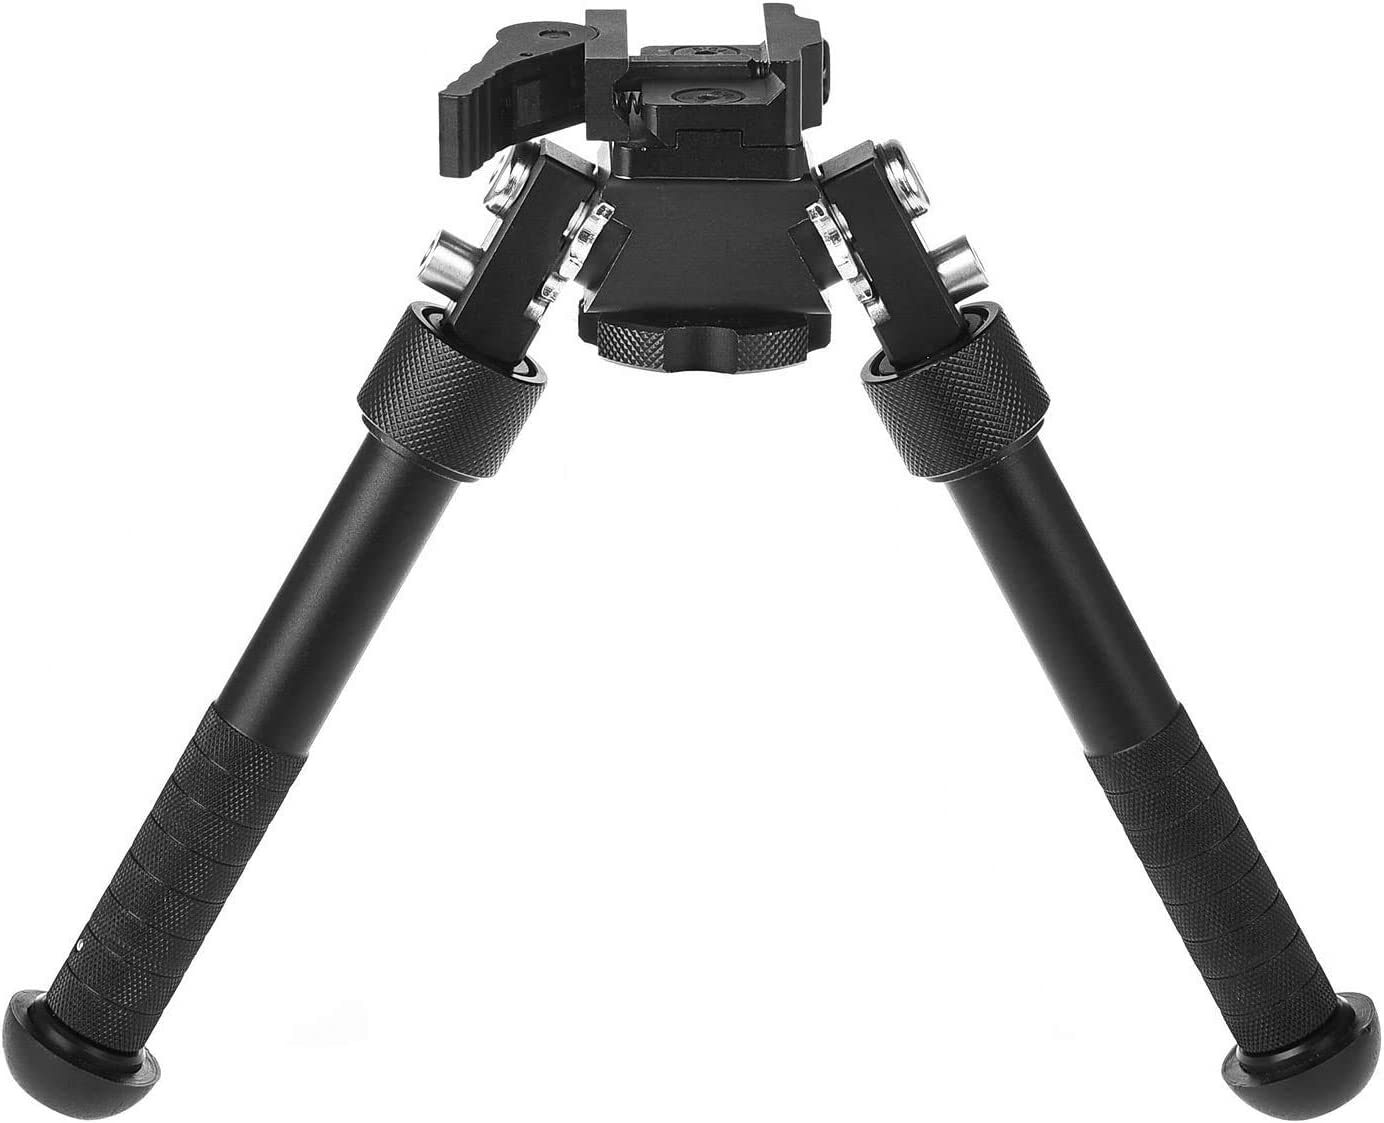 Bípode de Rifle Ajustable en Altura de 6-9 Pulgadas, Adecuado para Deslizamiento de 22 mm, rotación Ajustable de 360 Grados del bípode